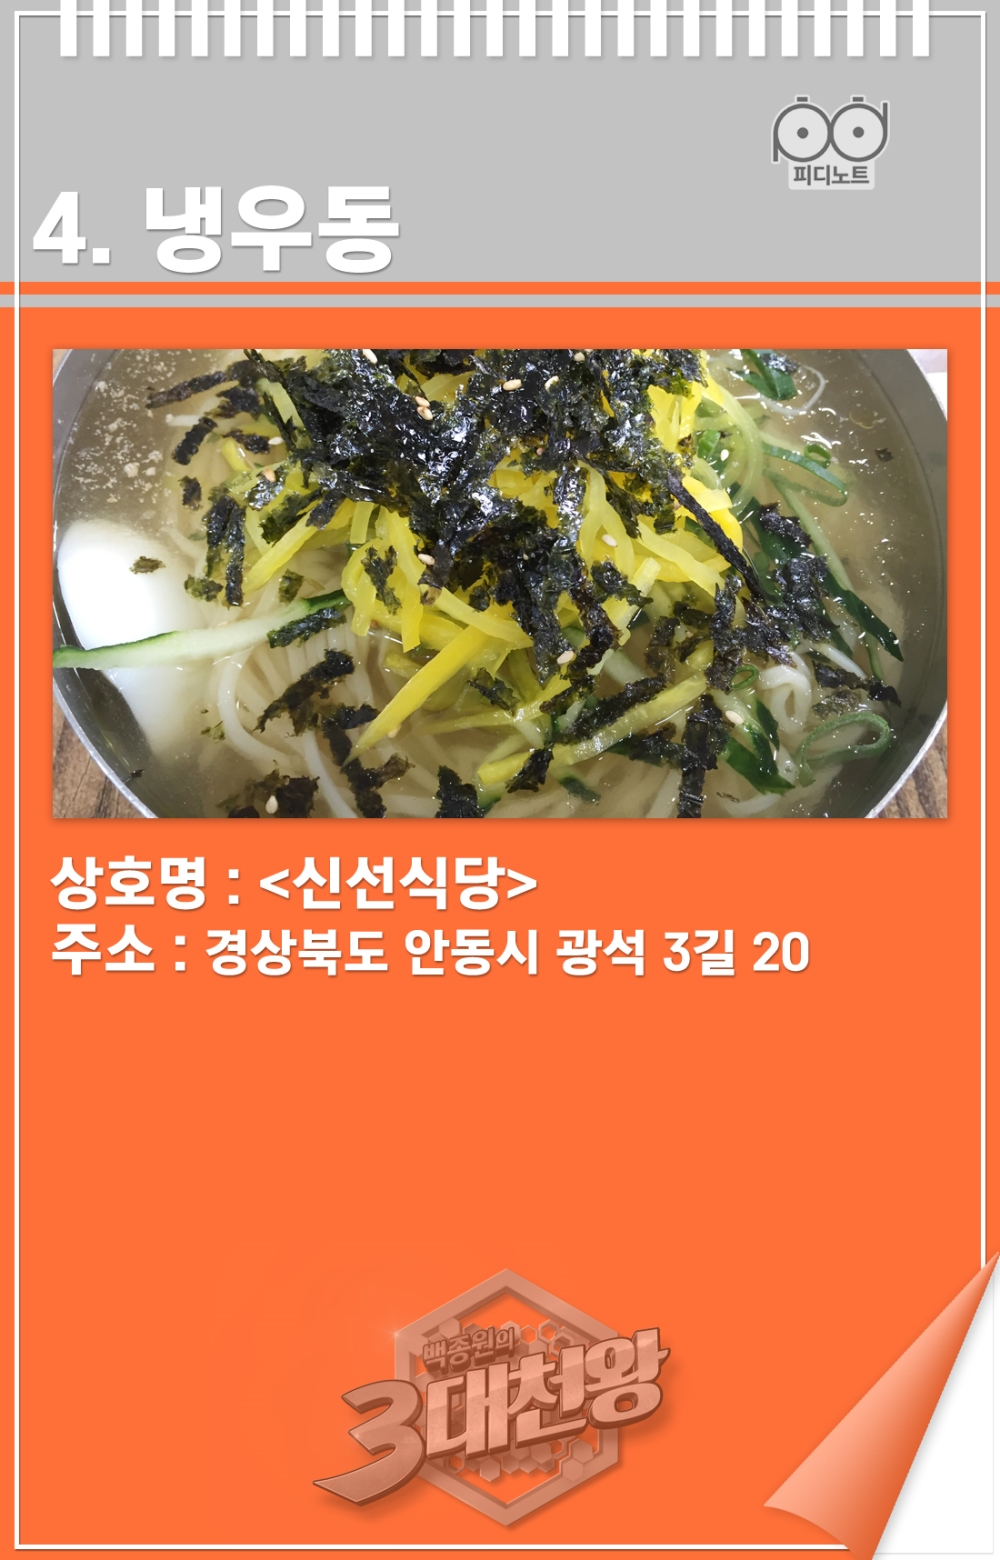 냉우동신선식당경상북도안동시광석3길20